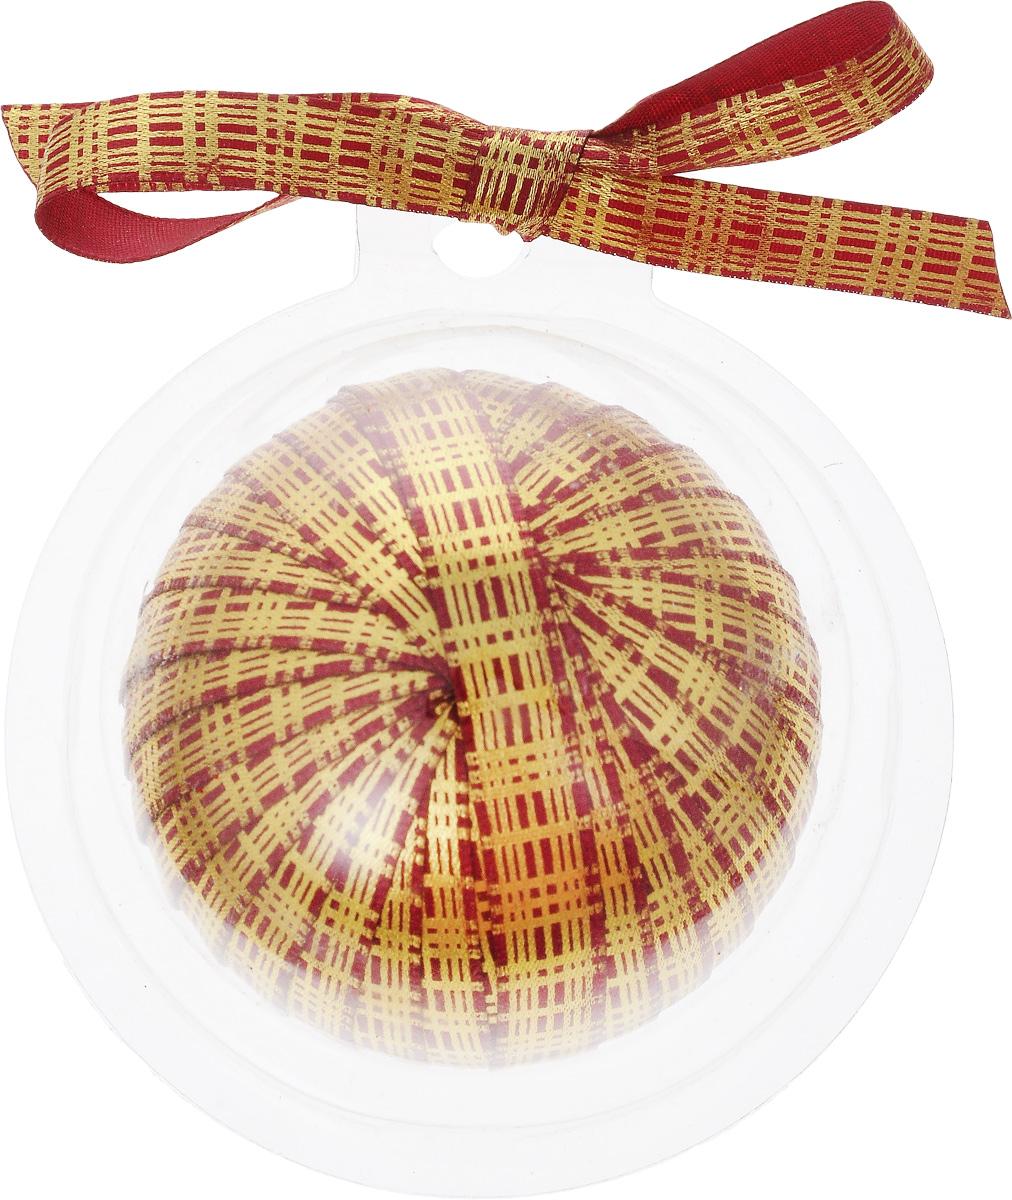 Лента новогодняя Winter Wings, цвет: бордовый, золотой, 1 см х 3 мPW1071_бордовый, золотойДекоративная лента Winter Wings выполнена из полиэстера. Она предназначена для оформления подарочных коробок, пакетов. Кроме того, декоративная лента с успехом применяется для художественного оформления витрин, праздничного оформления помещений, изготовления искусственных цветов. Декоративная лента украсит интерьер вашего дома к праздникам.Ширина ленты: 1 см.